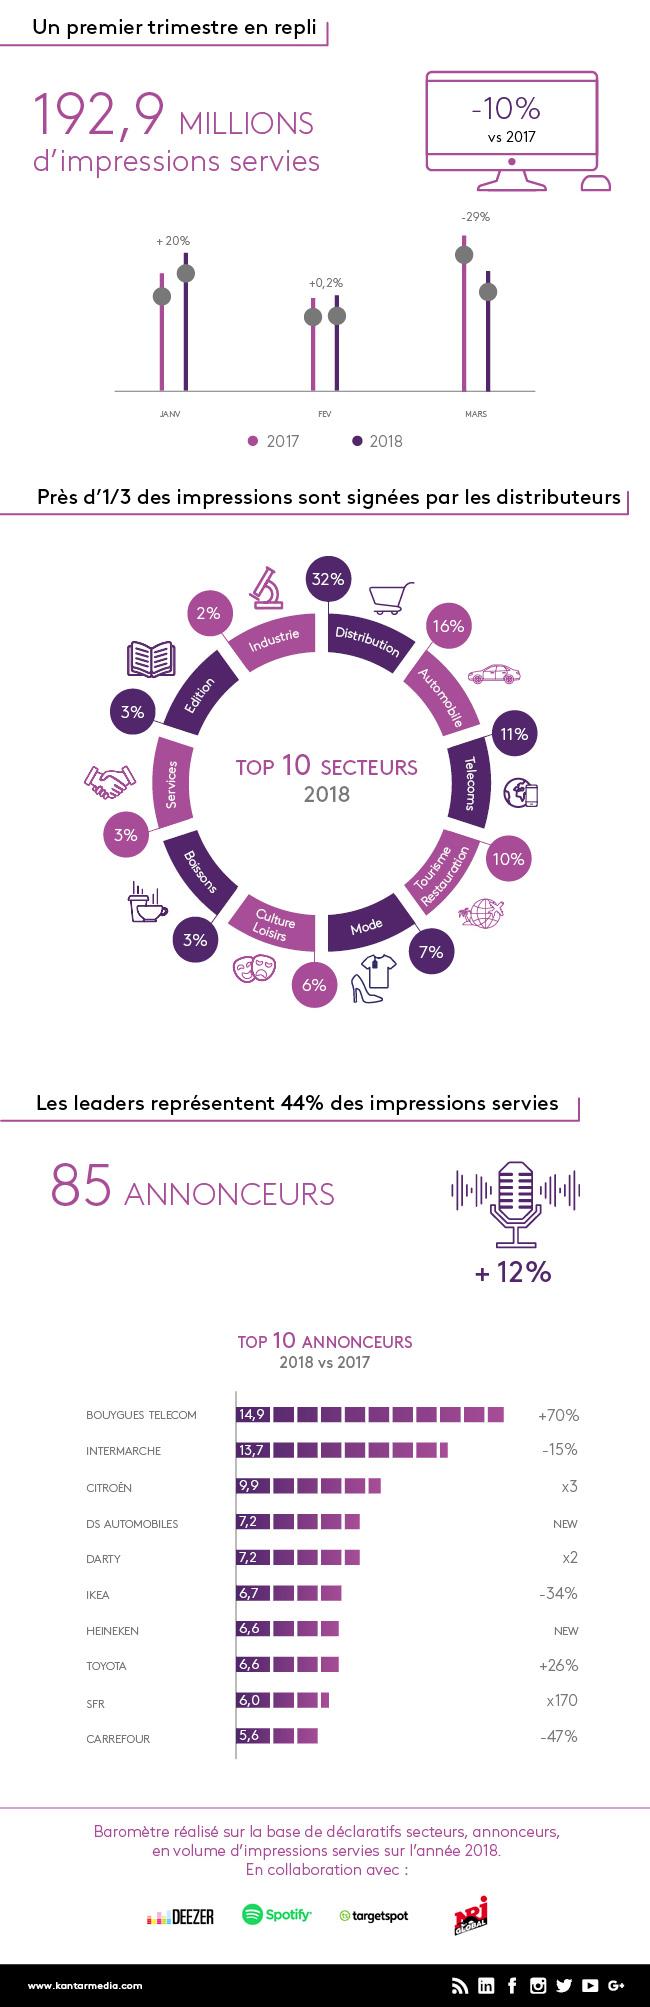 Le Baromètre Kantar Media de l'Audio Digital du 1er trimestre 2018 révèle un repli de l'activité avec 192,9 M d'impressions servies (-10% vs 2017).